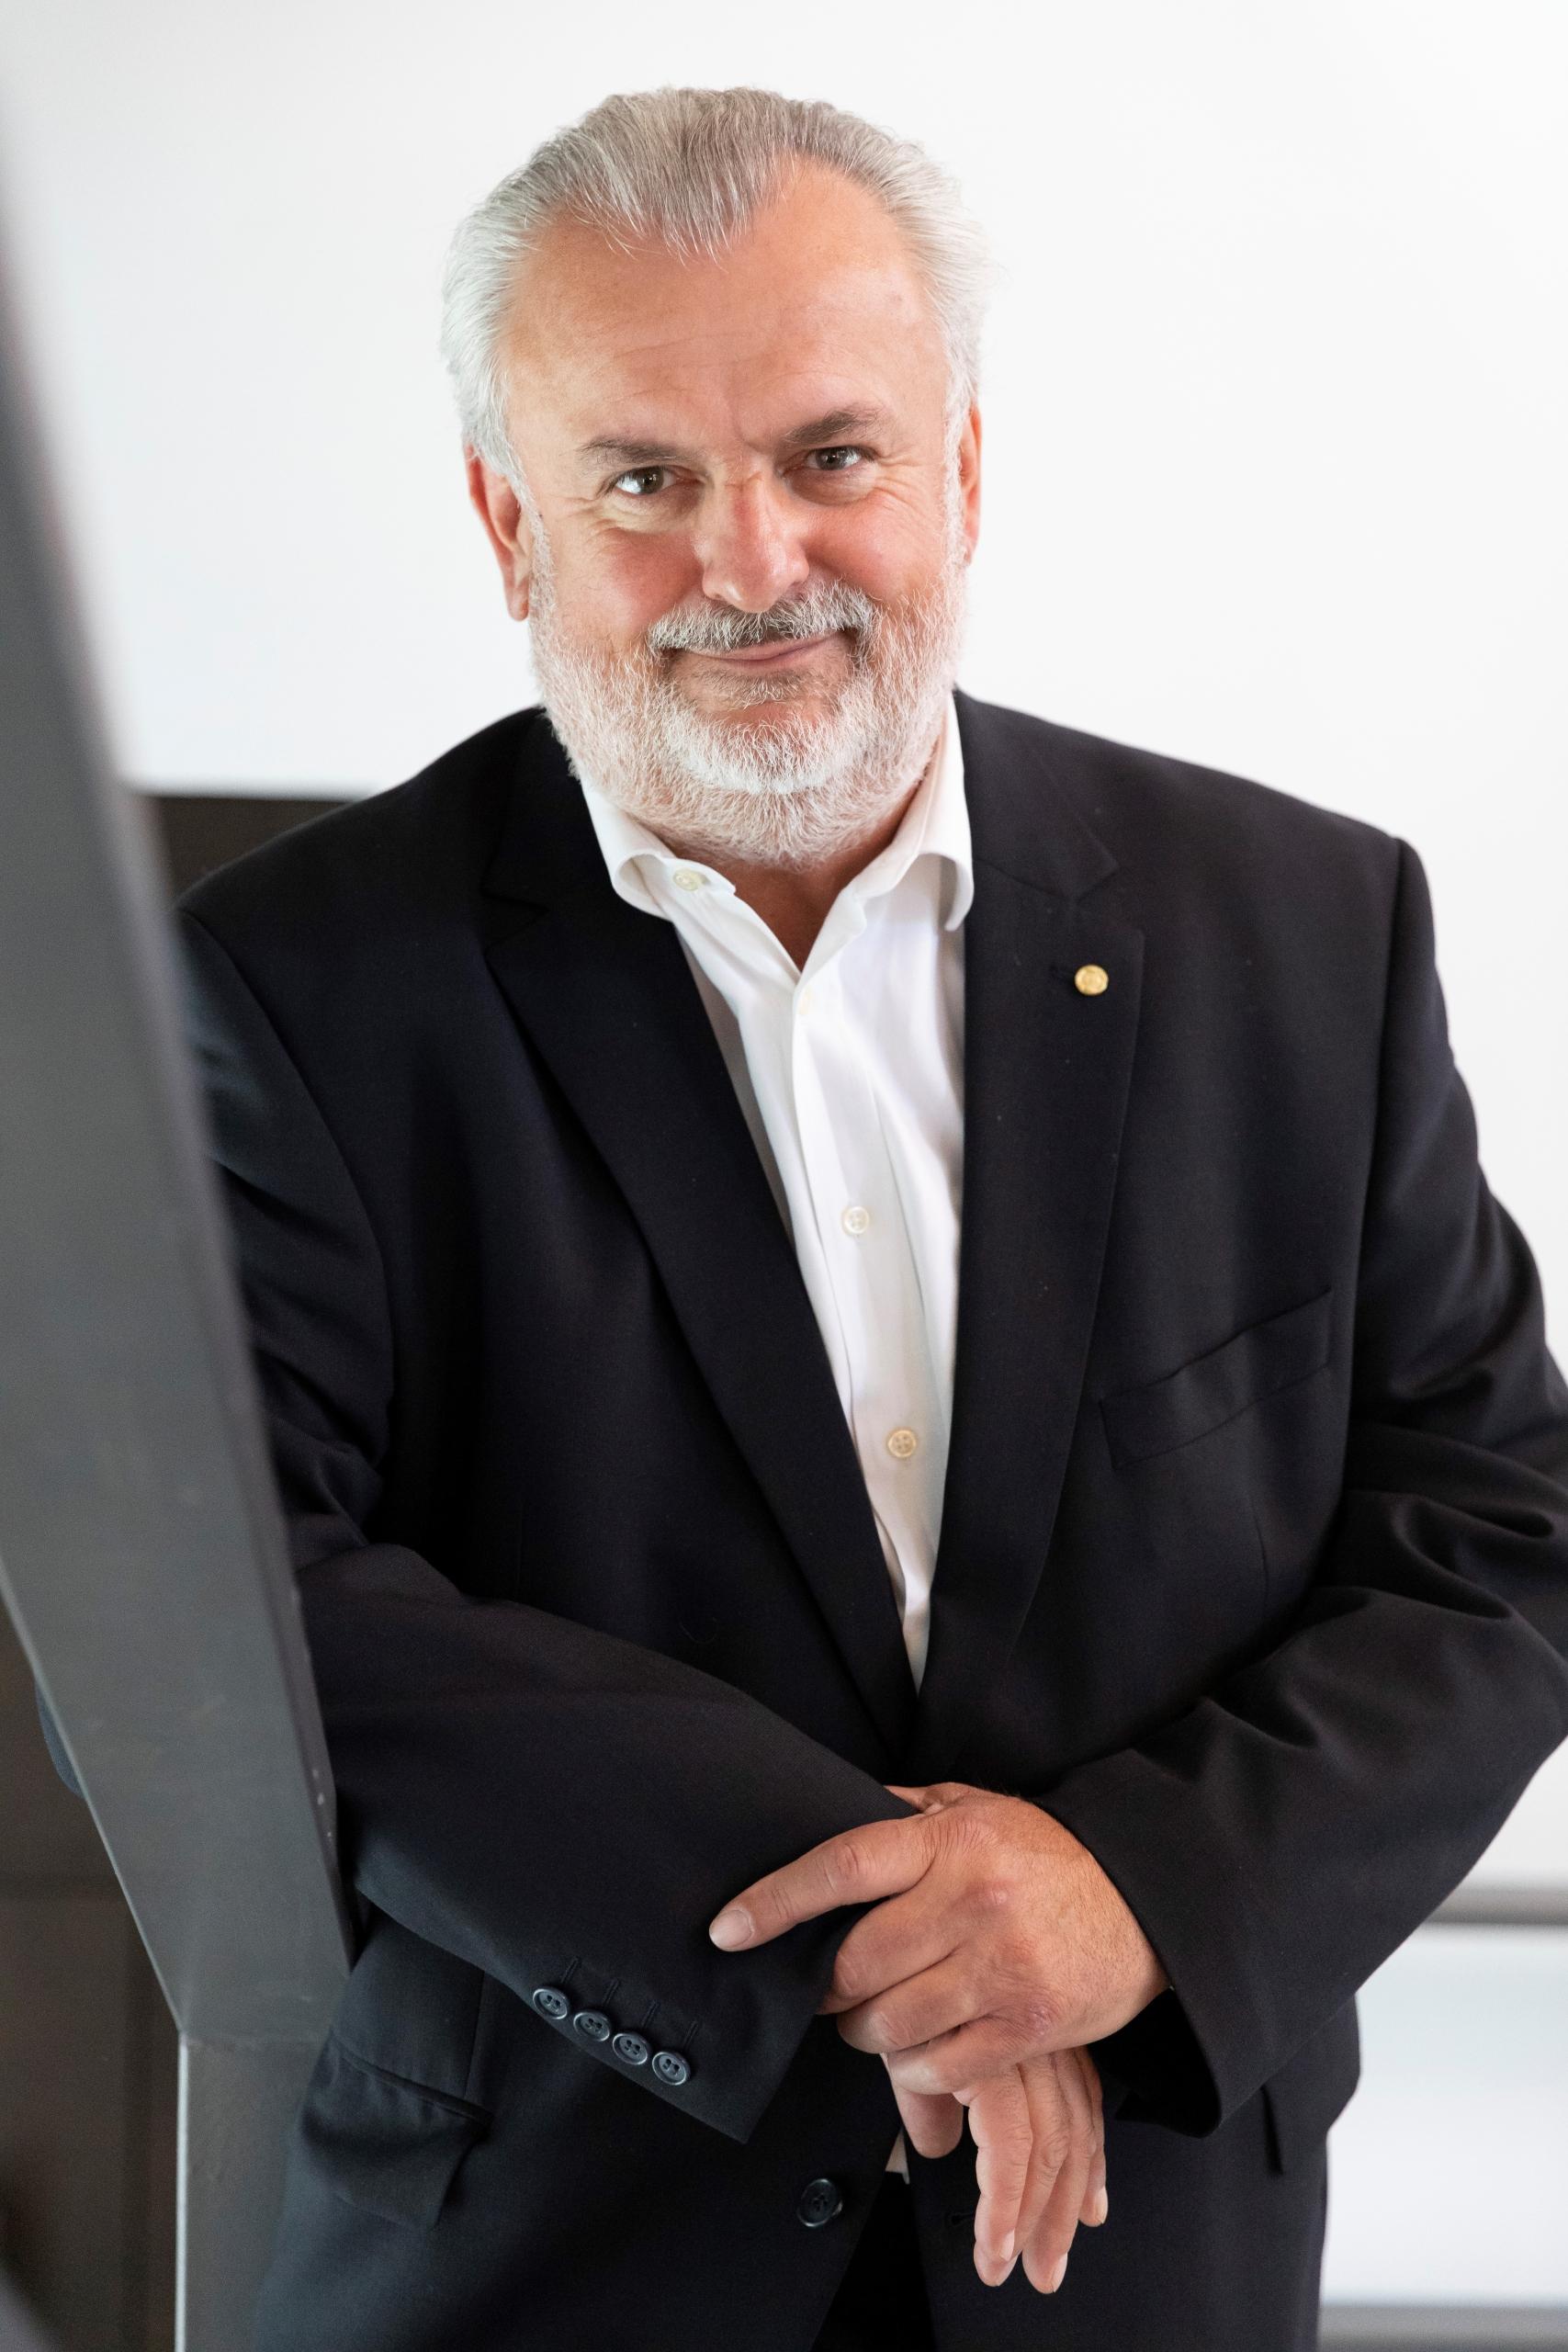 Peter Engert